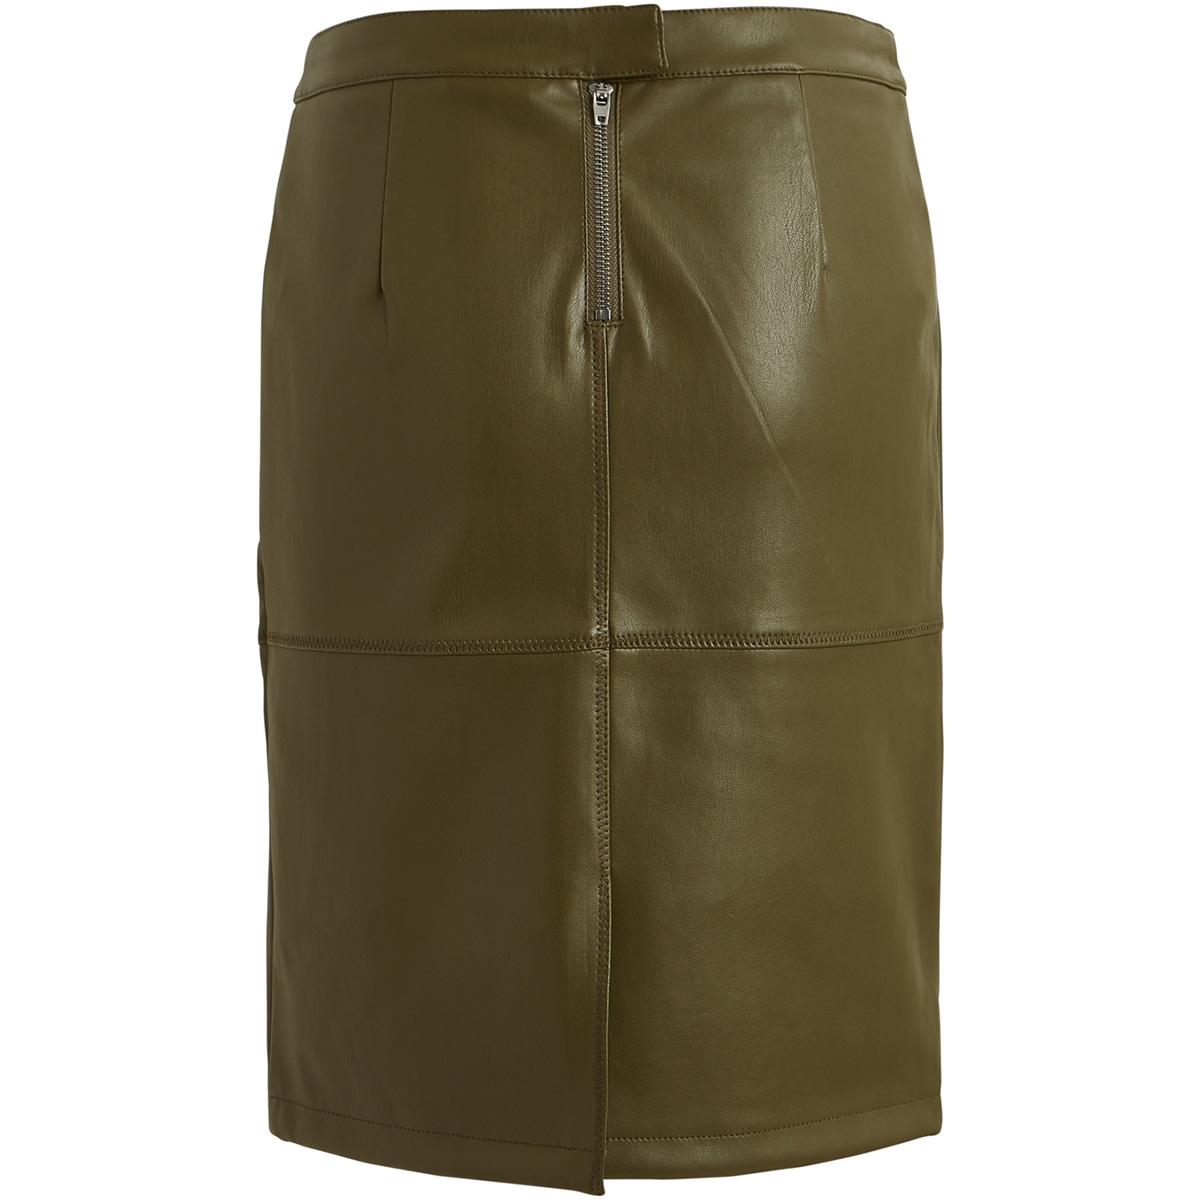 vipen new skirt-fav 14043497 vila rok dark olive